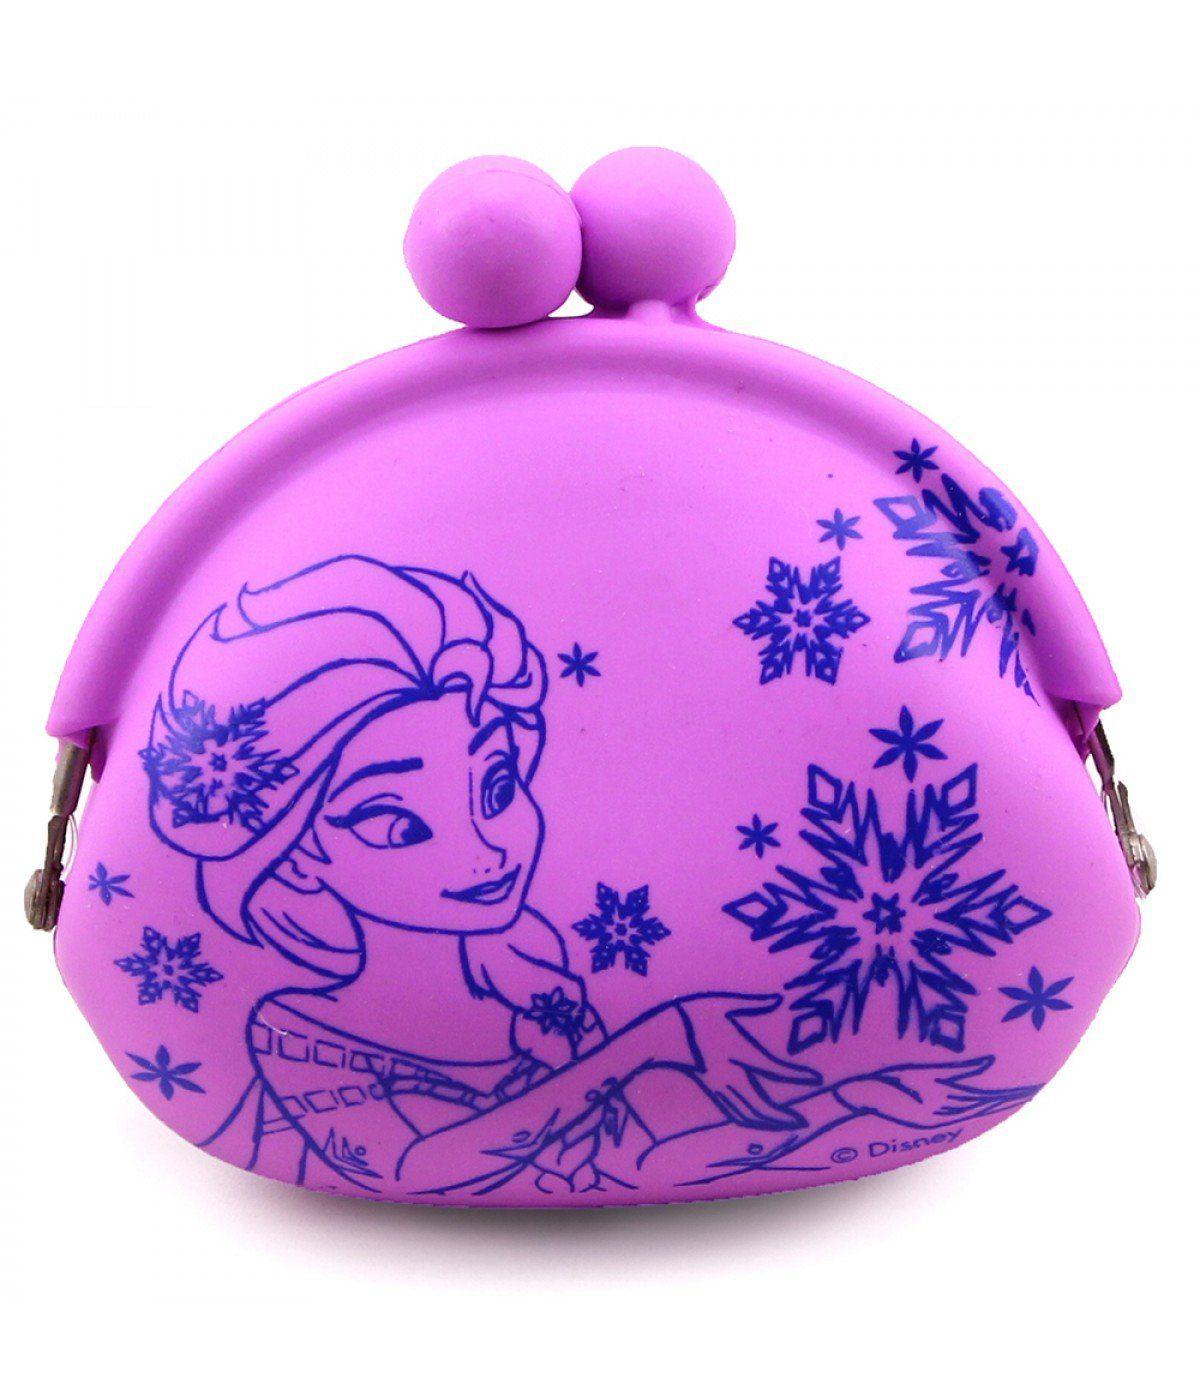 Chaveiro Porta Moeda Elsa: Frozen (Disney)